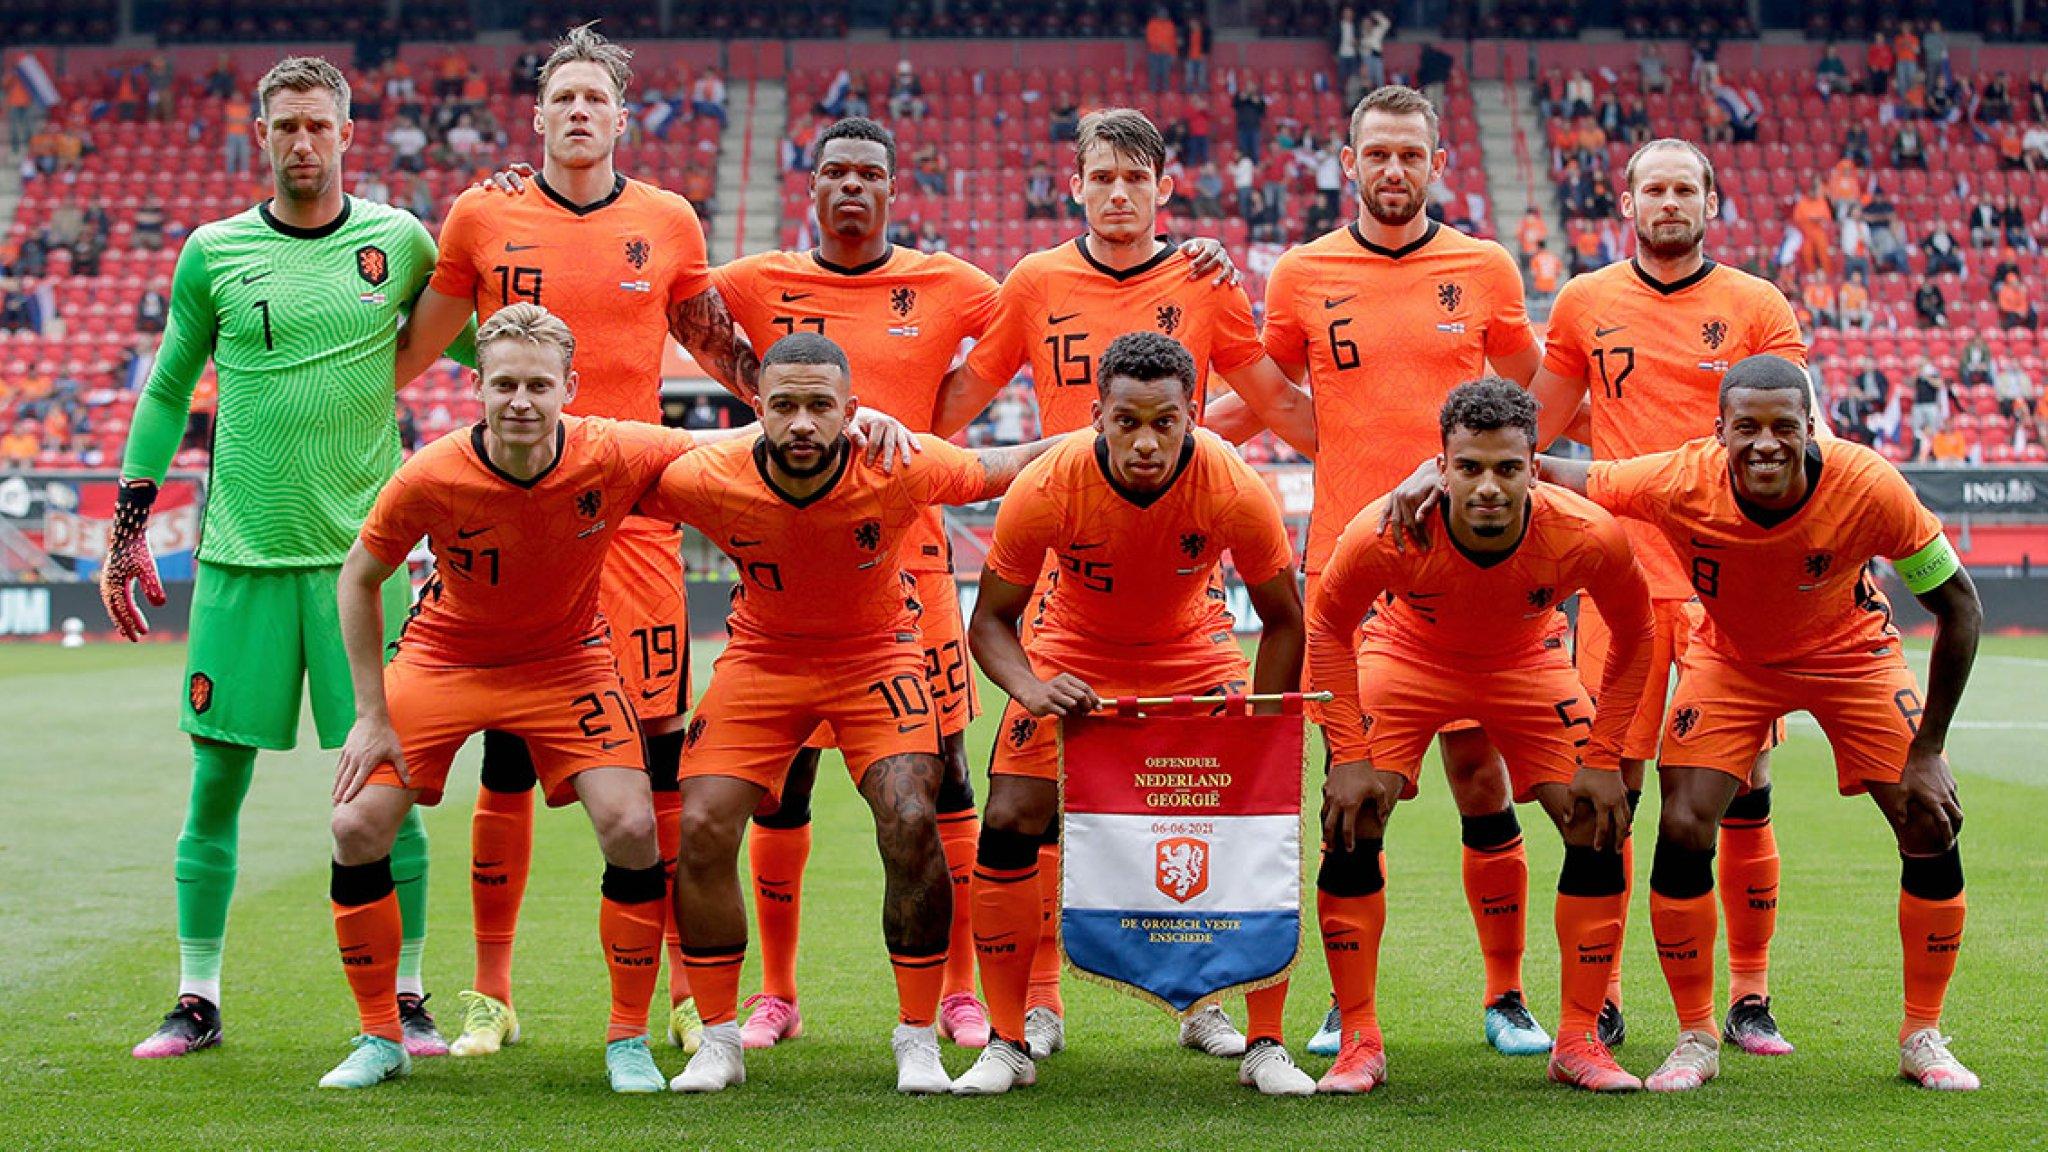 Oranje maakt geen indruk in buitenland: 'Kwartfinale zit er net in'